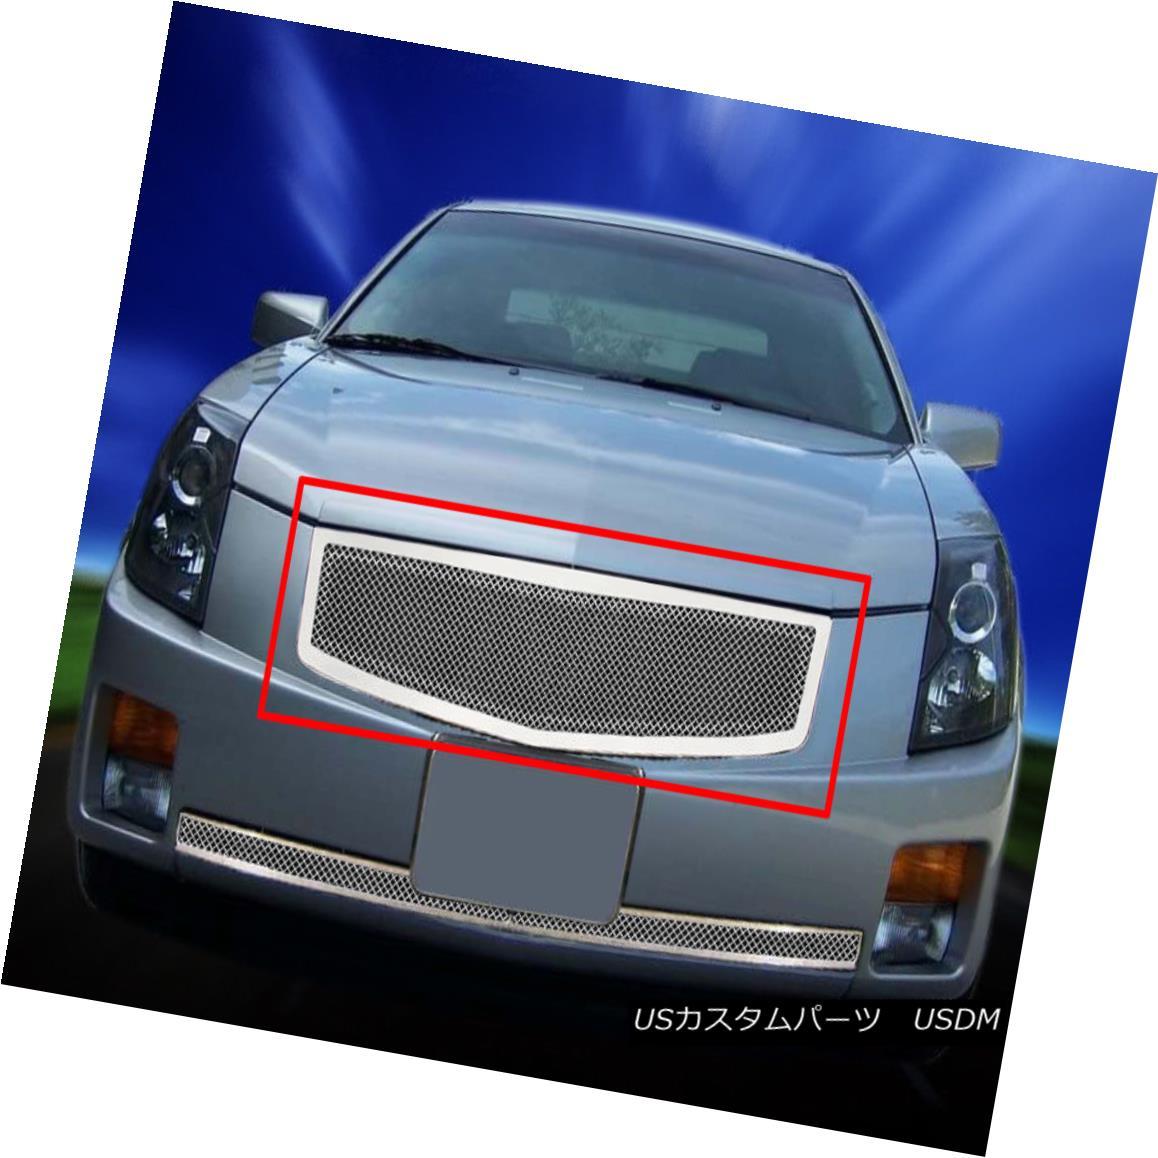 グリル Fedar Fits 03-07 Cadillac CTS Formed Mesh Grille Insert Fedar Fits 03-07キャデラックCTS成形メッシュグリルインサート